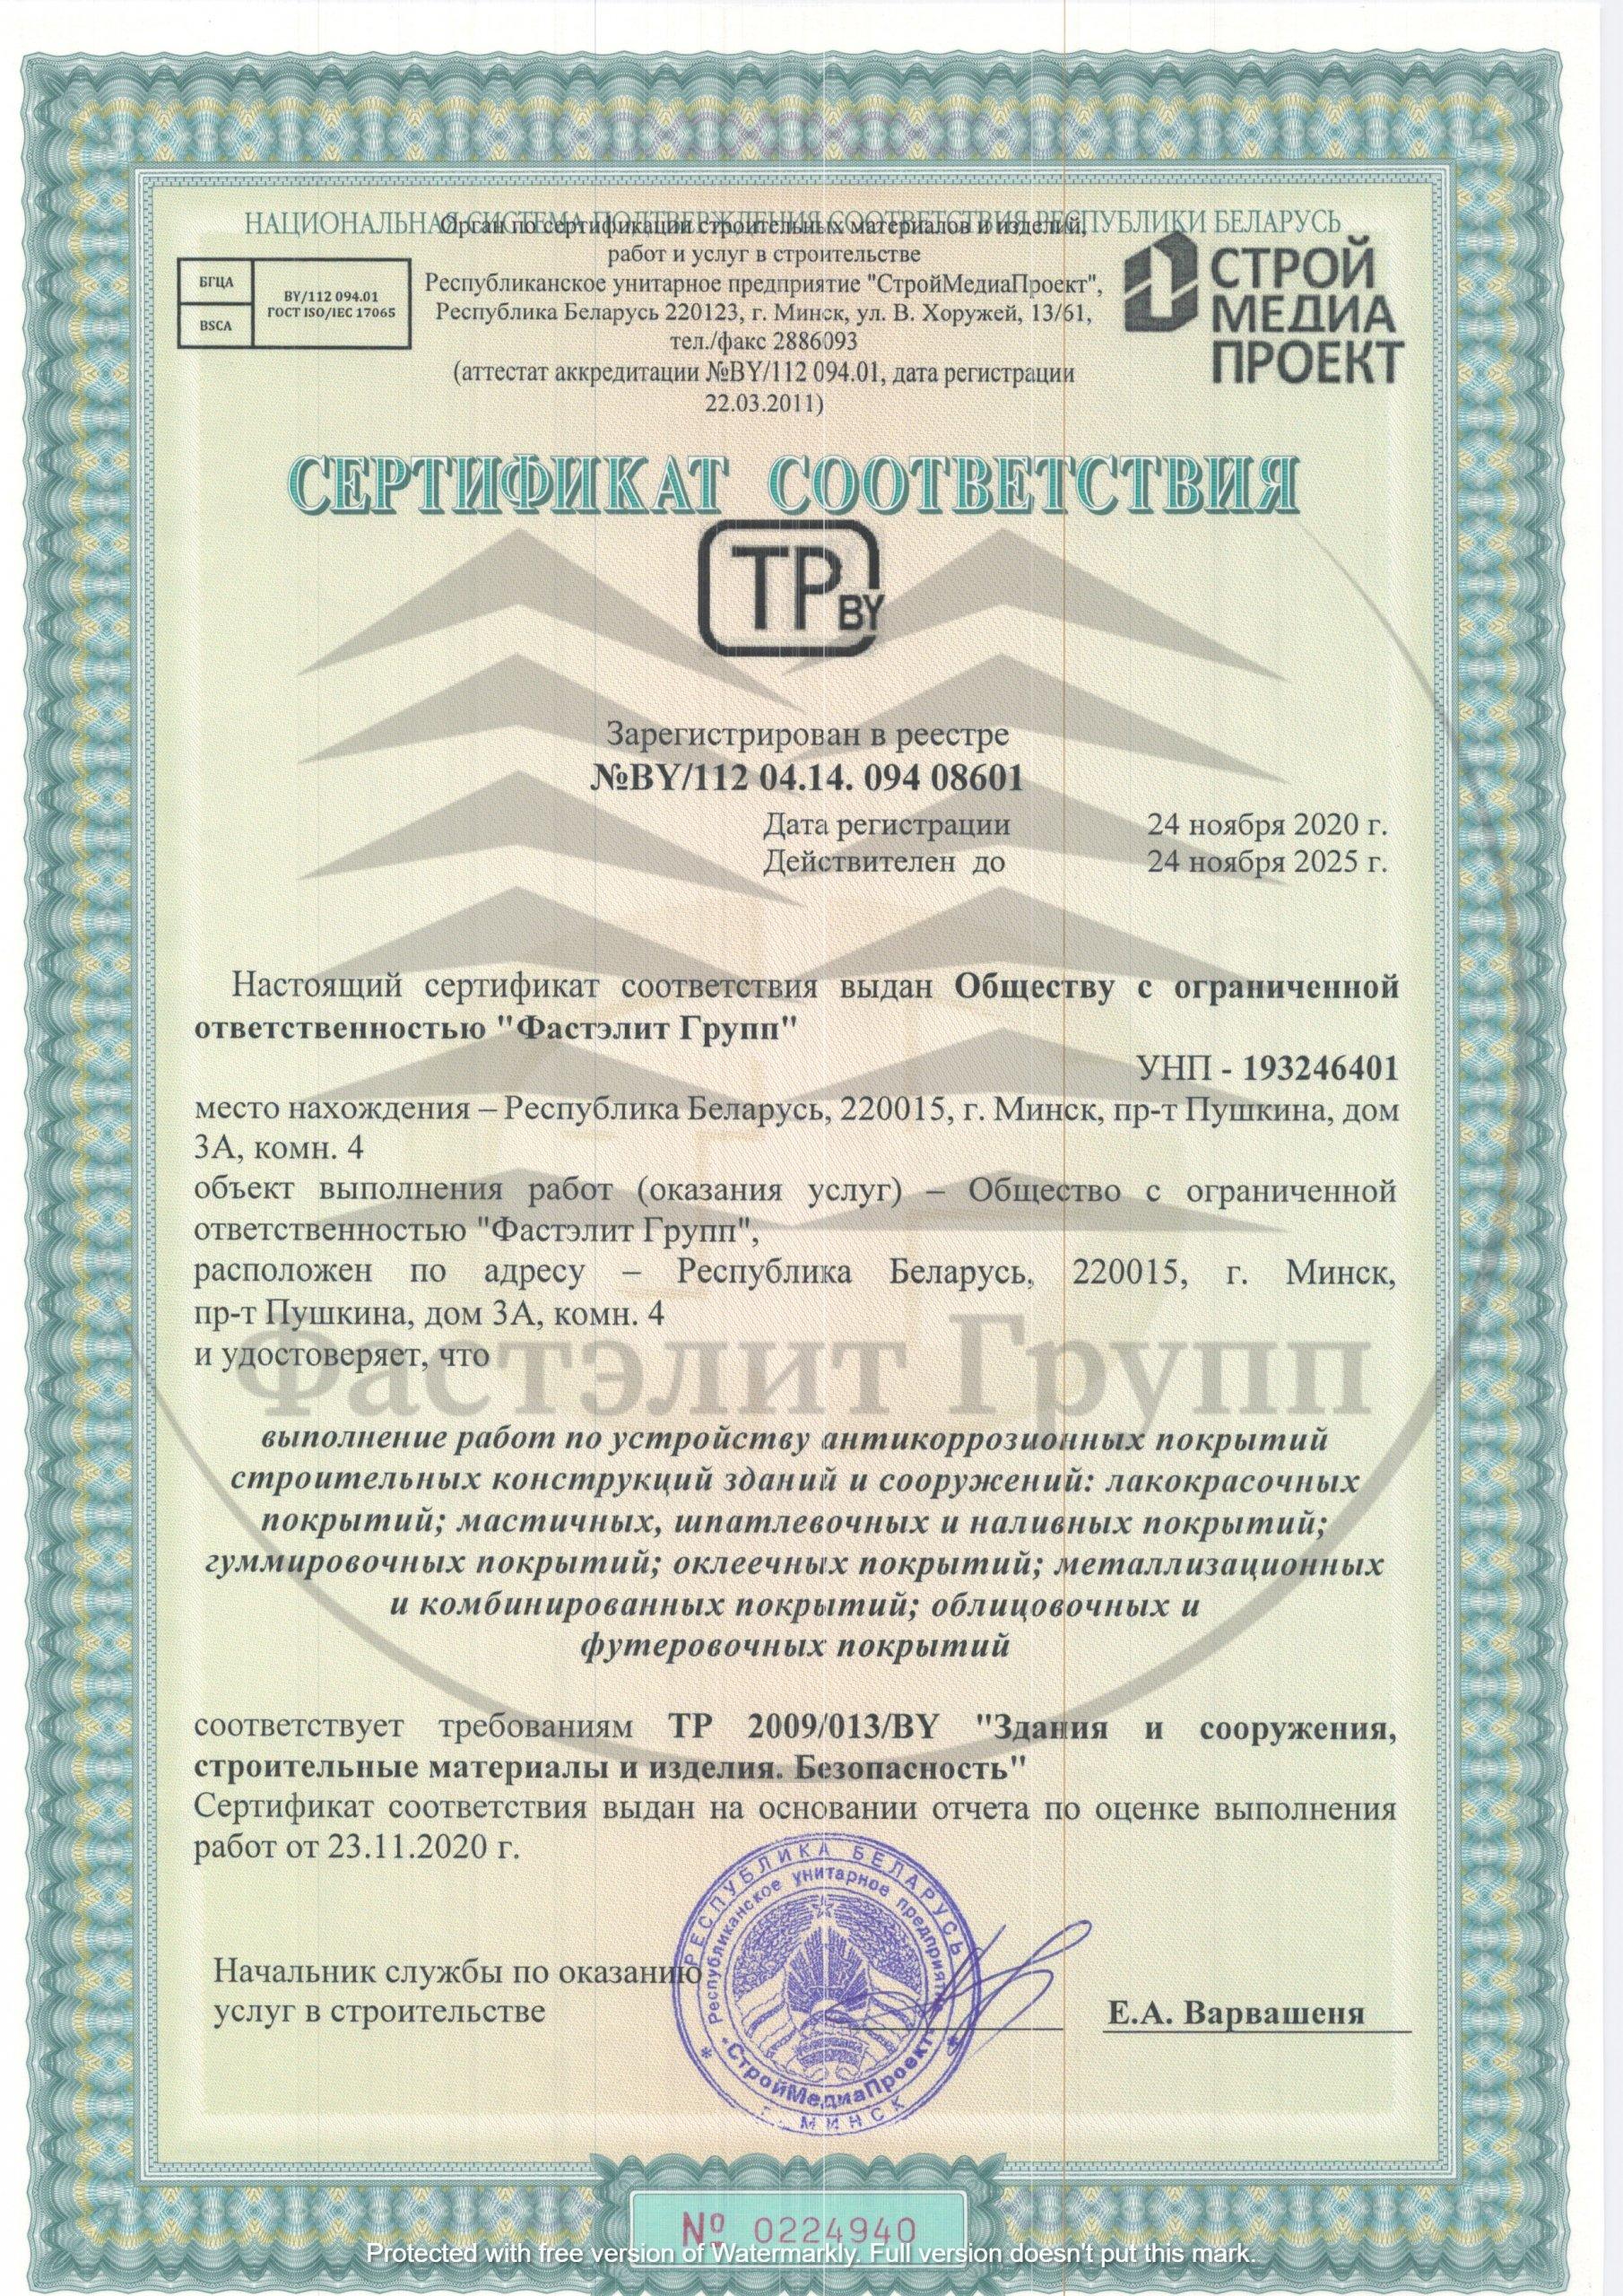 Сертификат соответствия 940